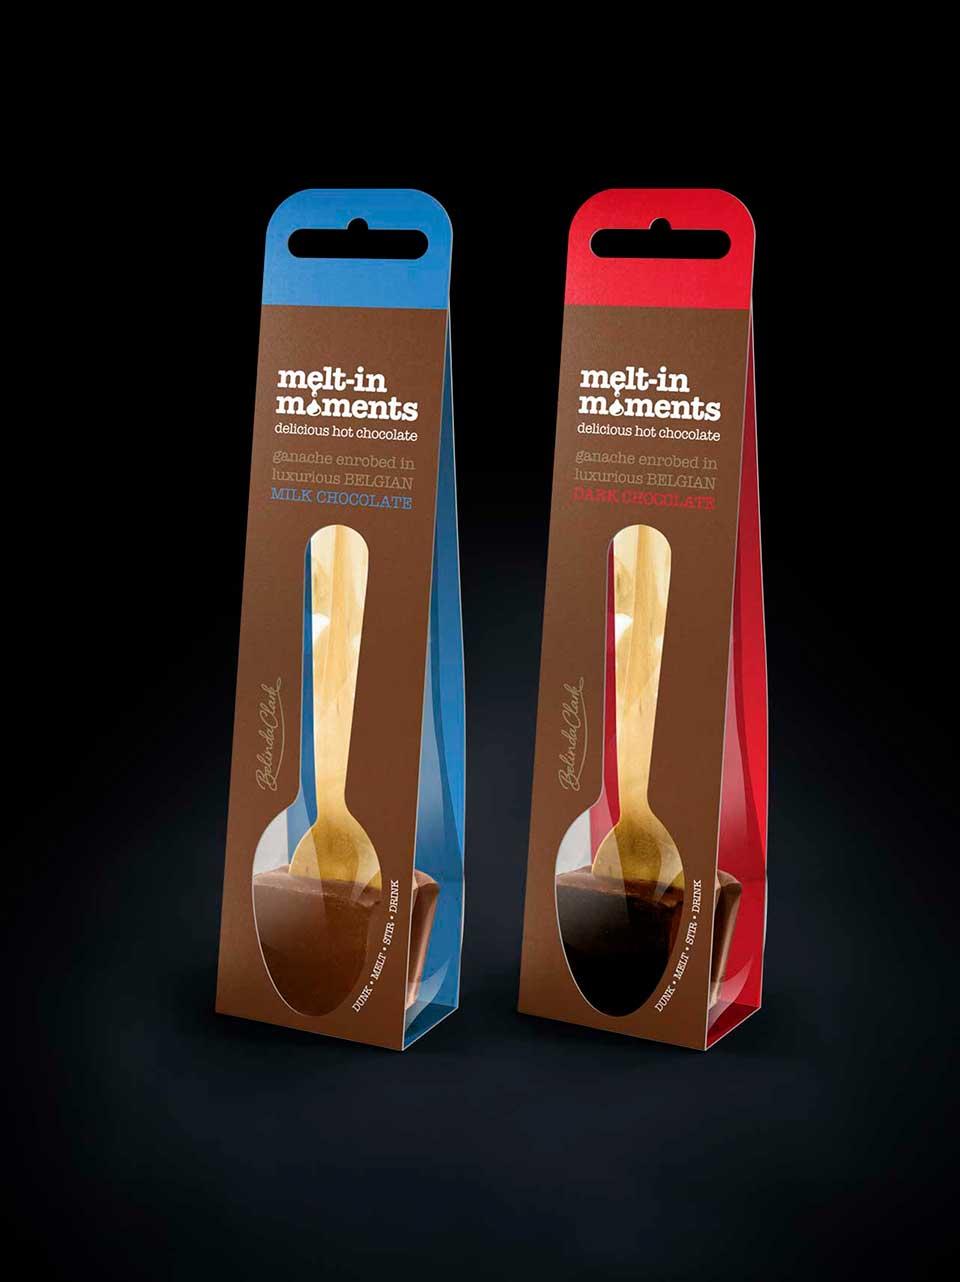 Melt-in-moments packaging for Belinda Clark